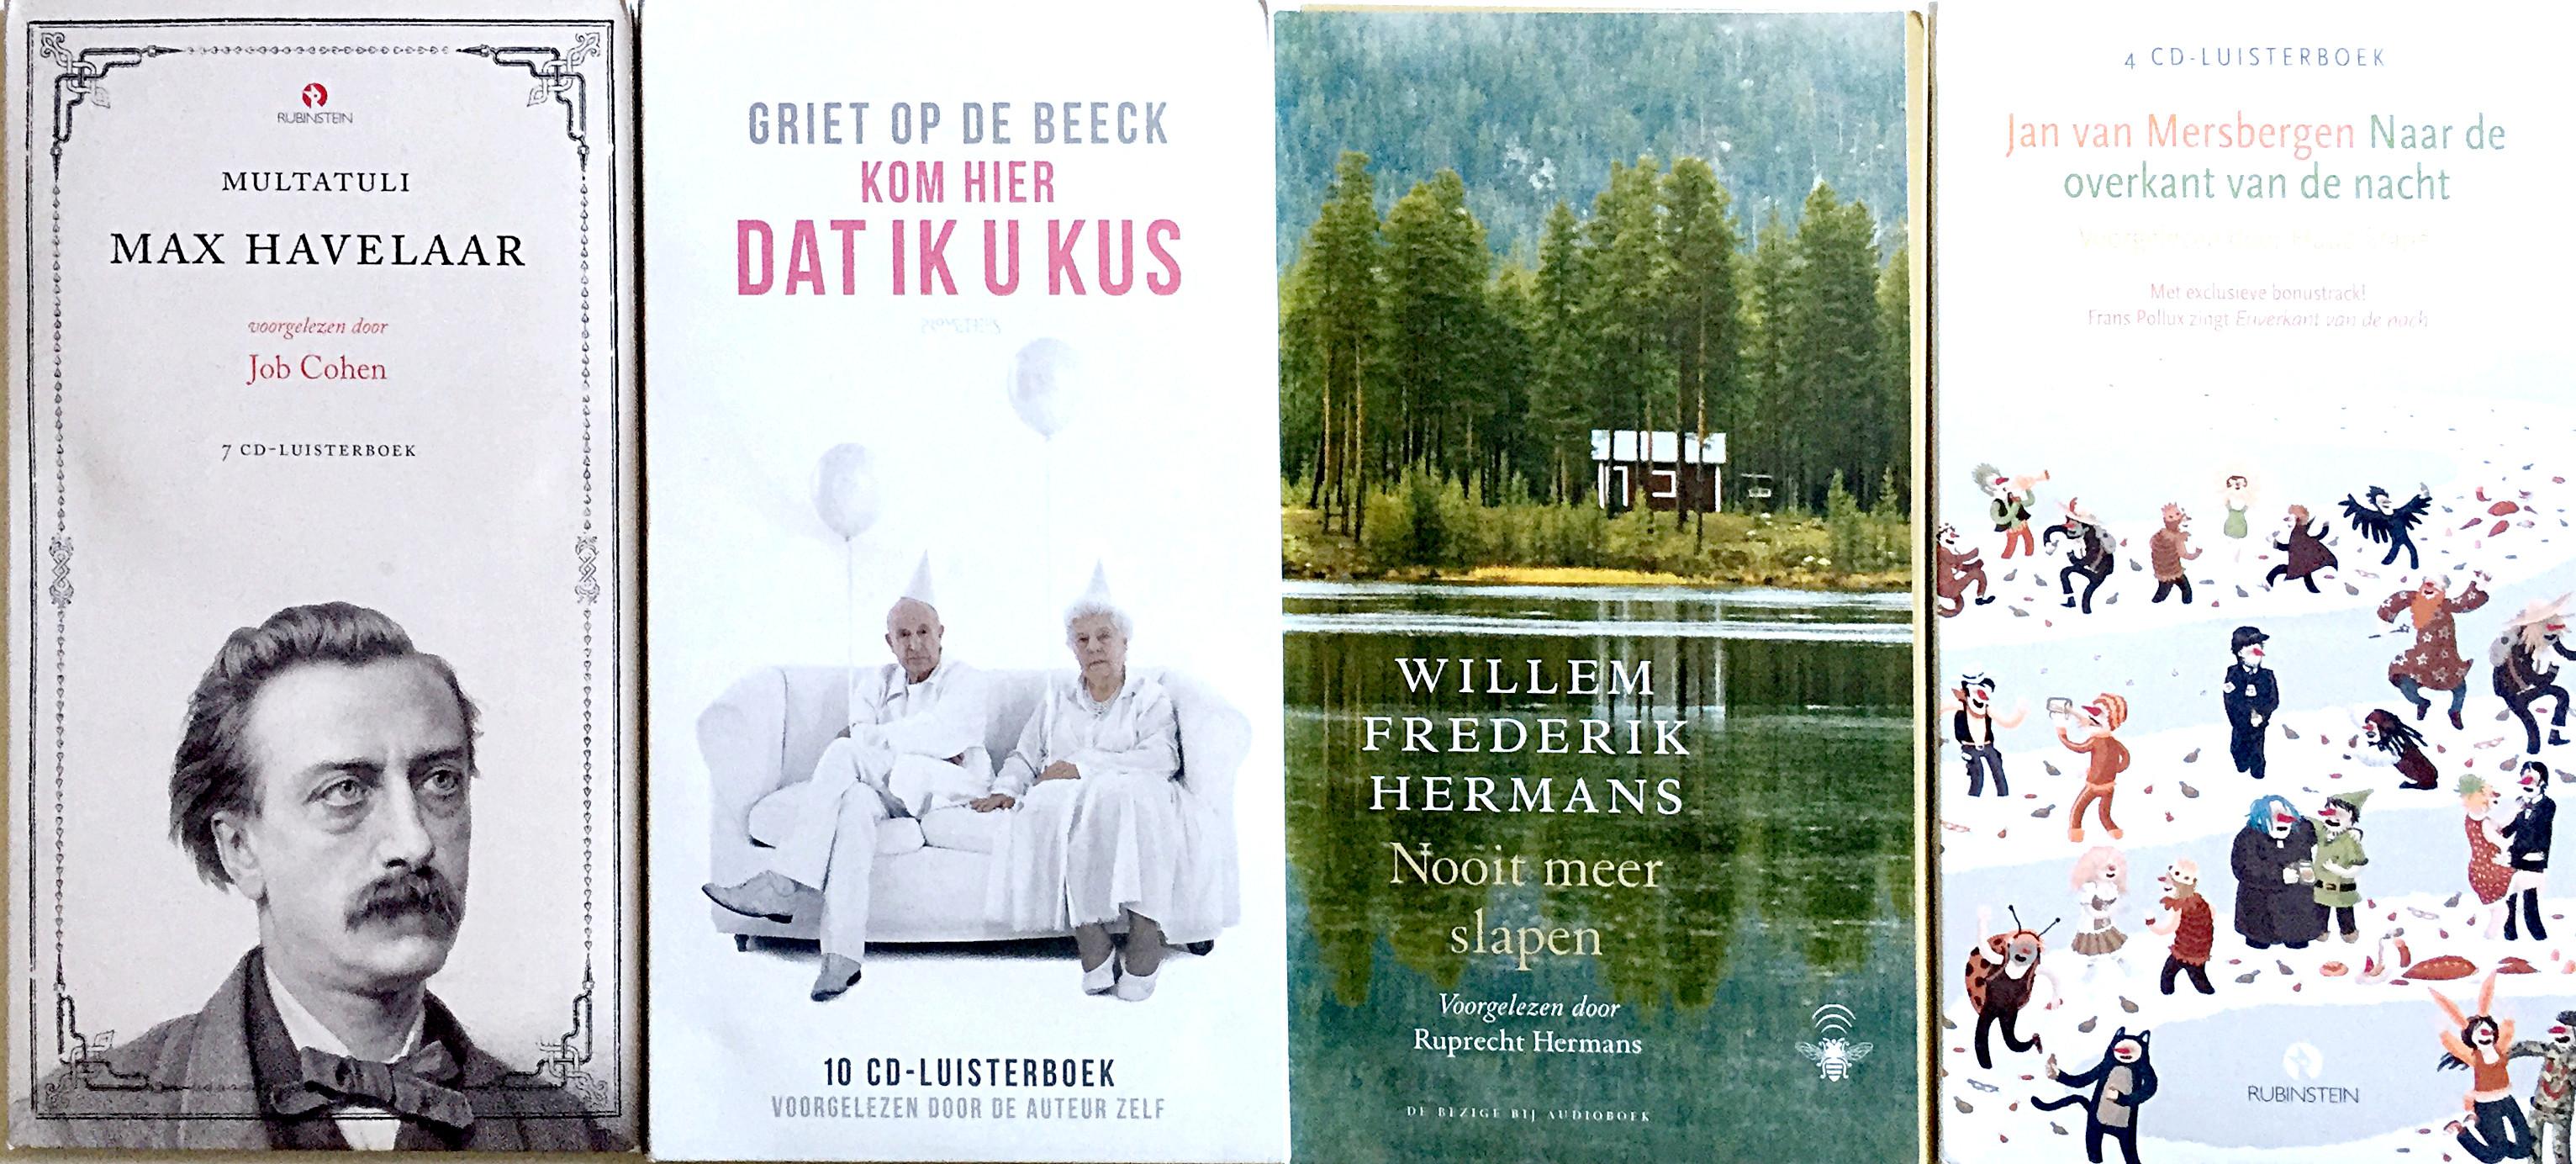 Hörbuchtipps Niederländisch